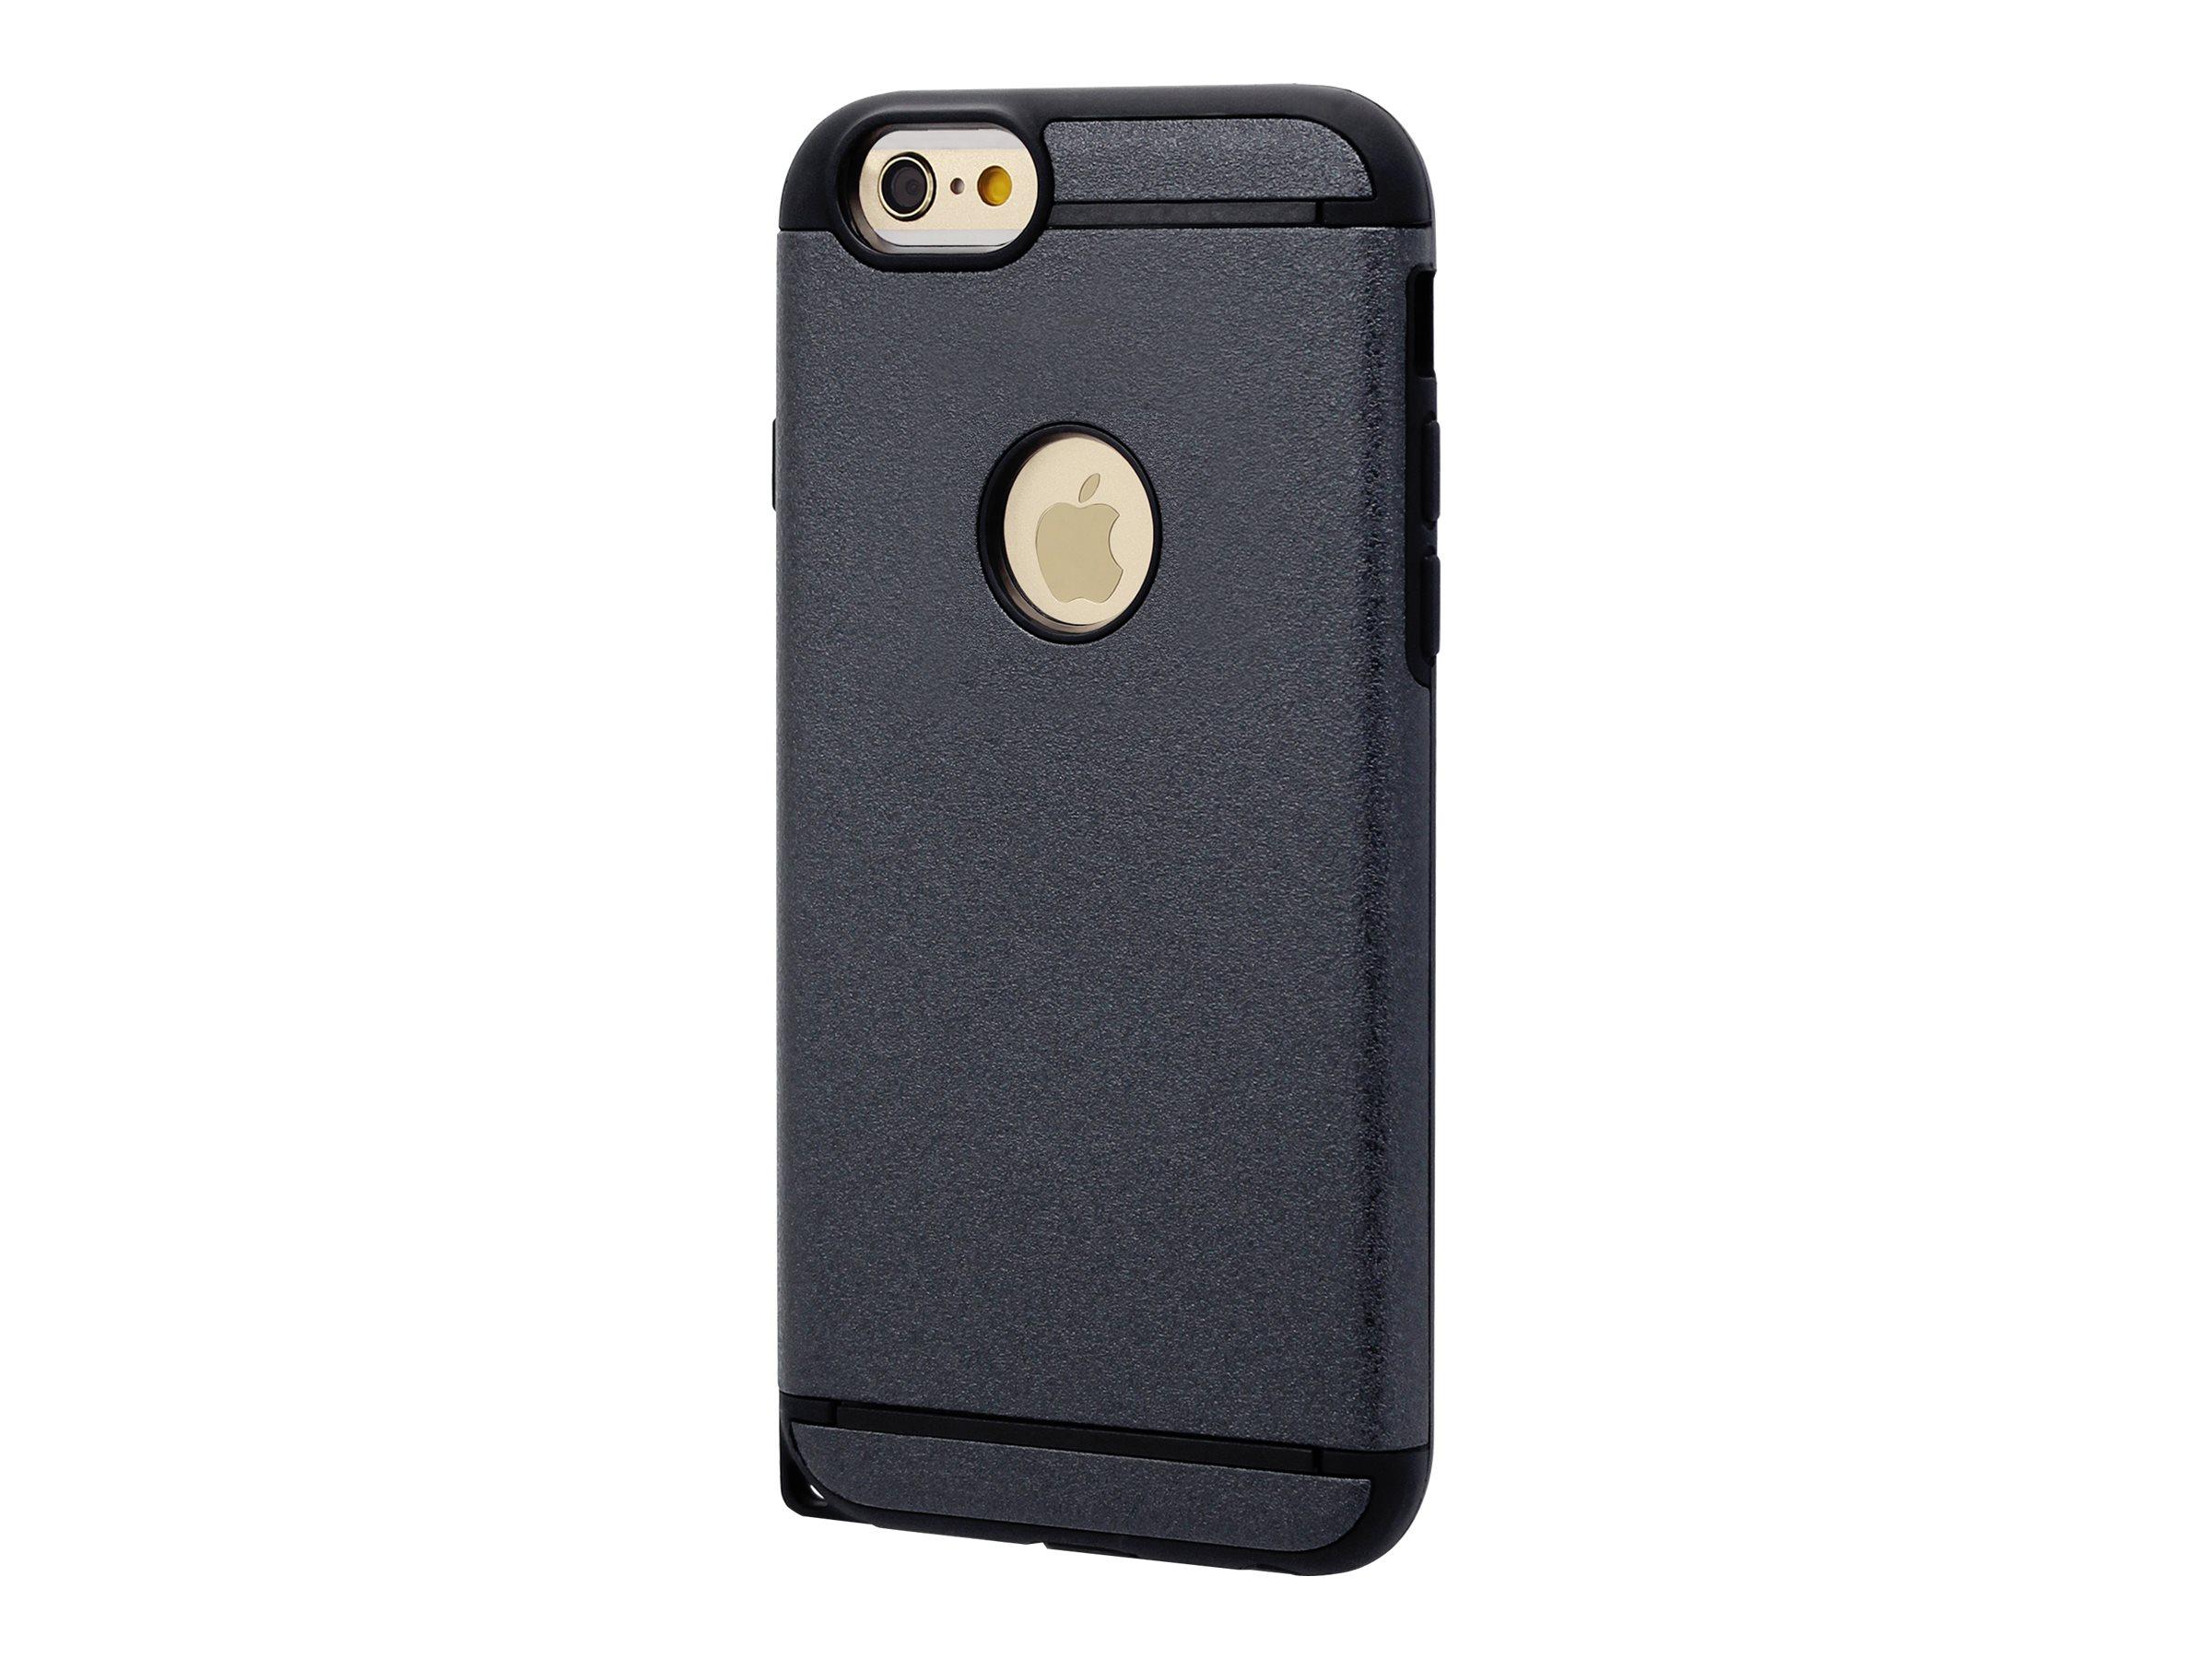 muvit coque de protection pour iphone 6 plus 6s plus noir etuis iphone. Black Bedroom Furniture Sets. Home Design Ideas